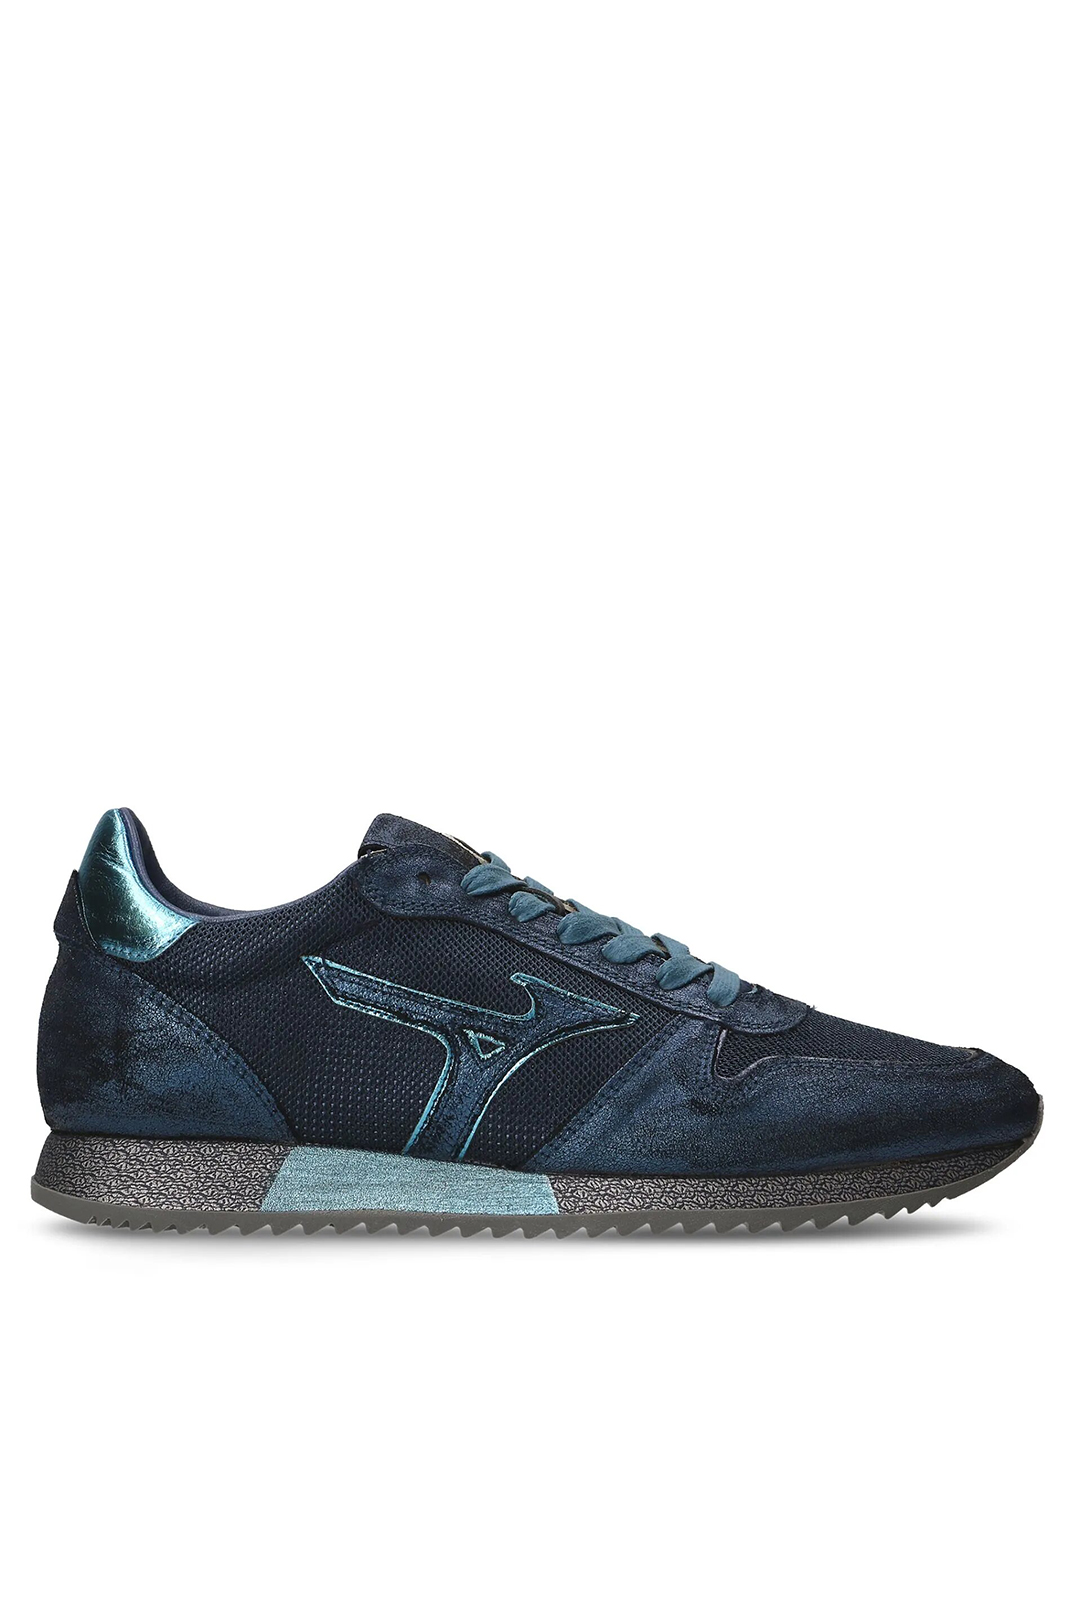 Chaussures   Mizuno D1GE181027 ETAMIN 2 LI BLUE/BLUE/BLUE